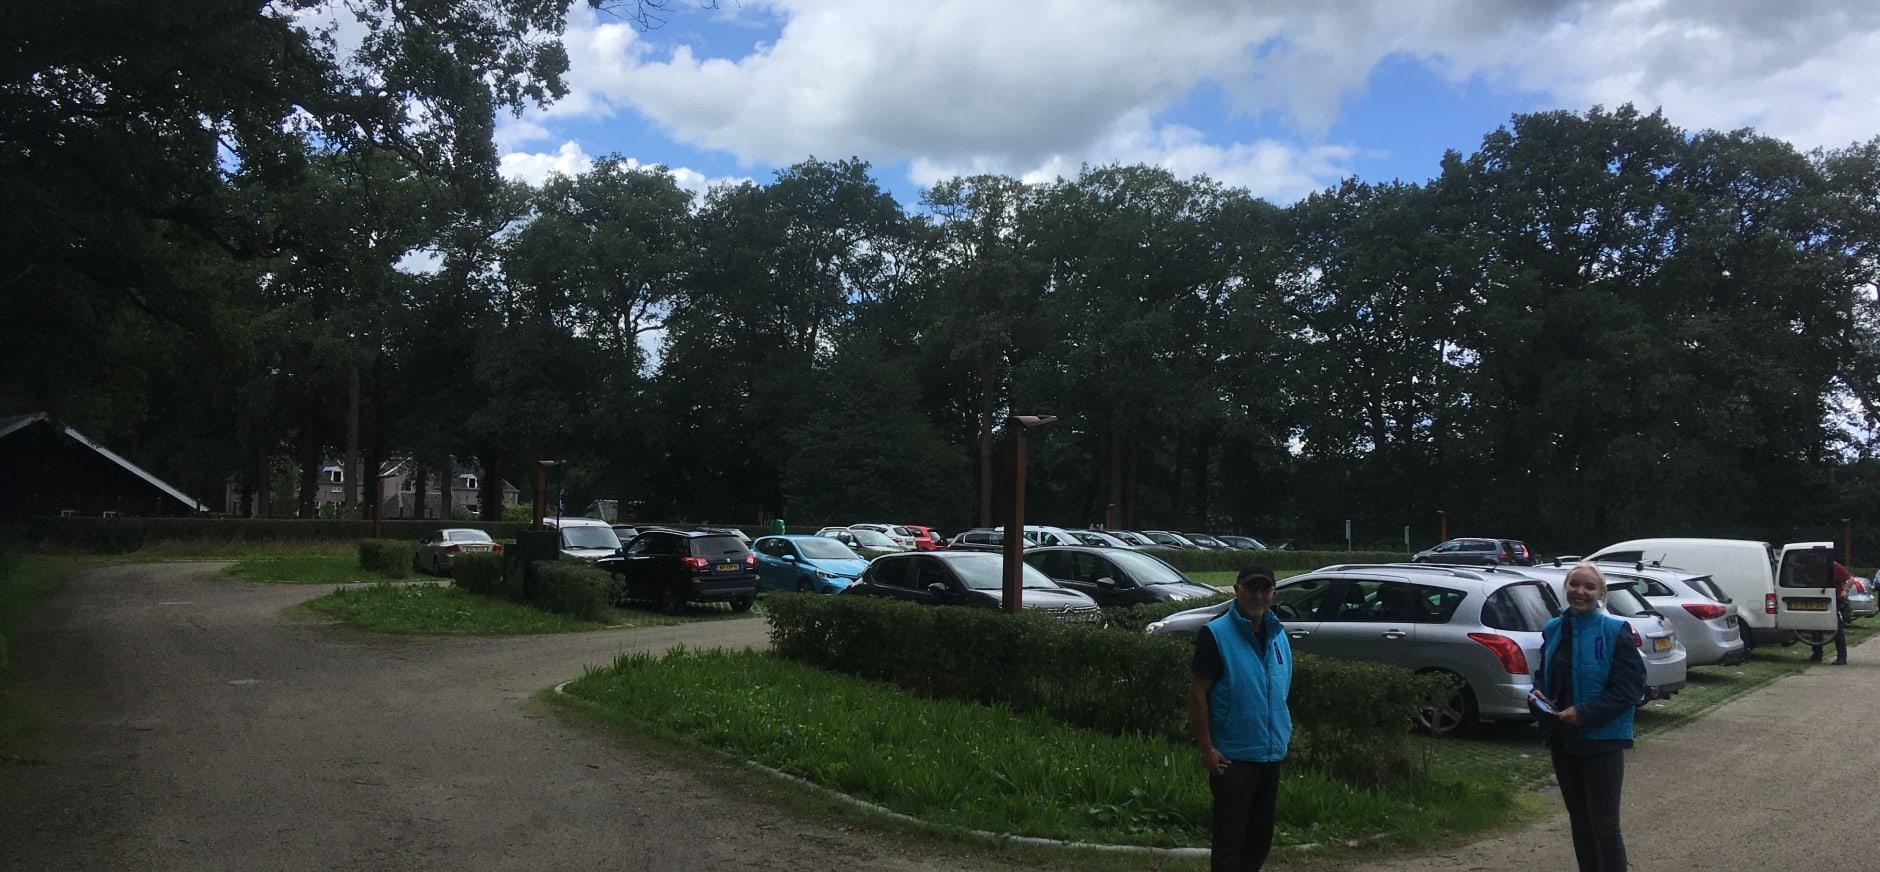 Gastheren ne -vrouwen heten bezoekers welkom op de parkeerplaats op drukke momenten